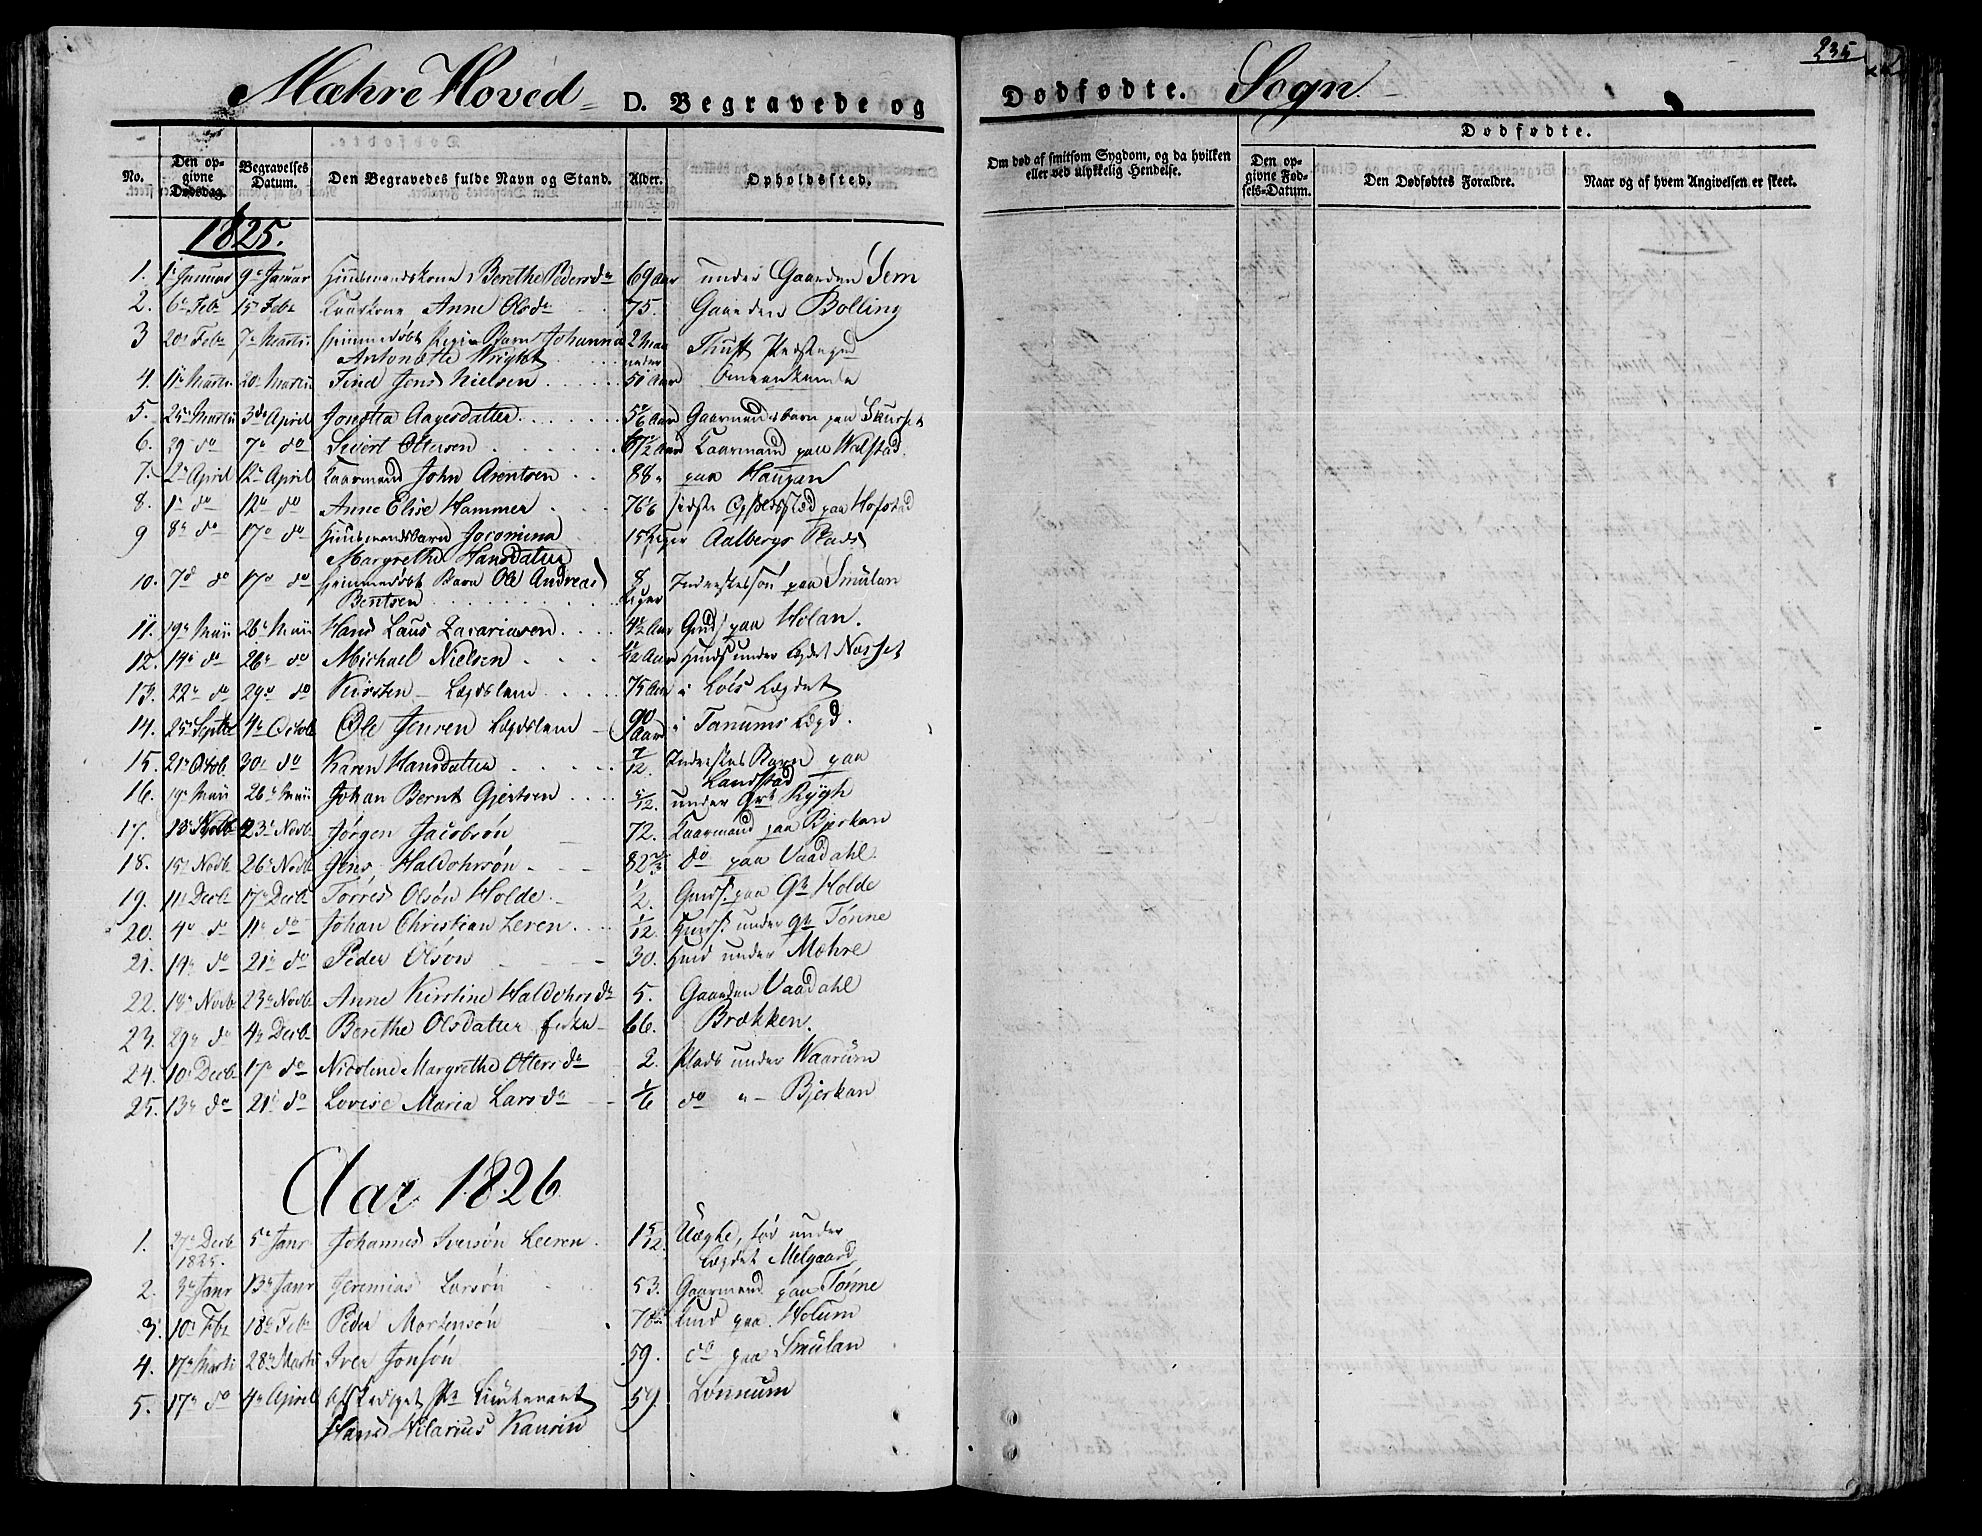 SAT, Ministerialprotokoller, klokkerbøker og fødselsregistre - Nord-Trøndelag, 735/L0336: Parish register (official) no. 735A05 /1, 1825-1835, p. 235